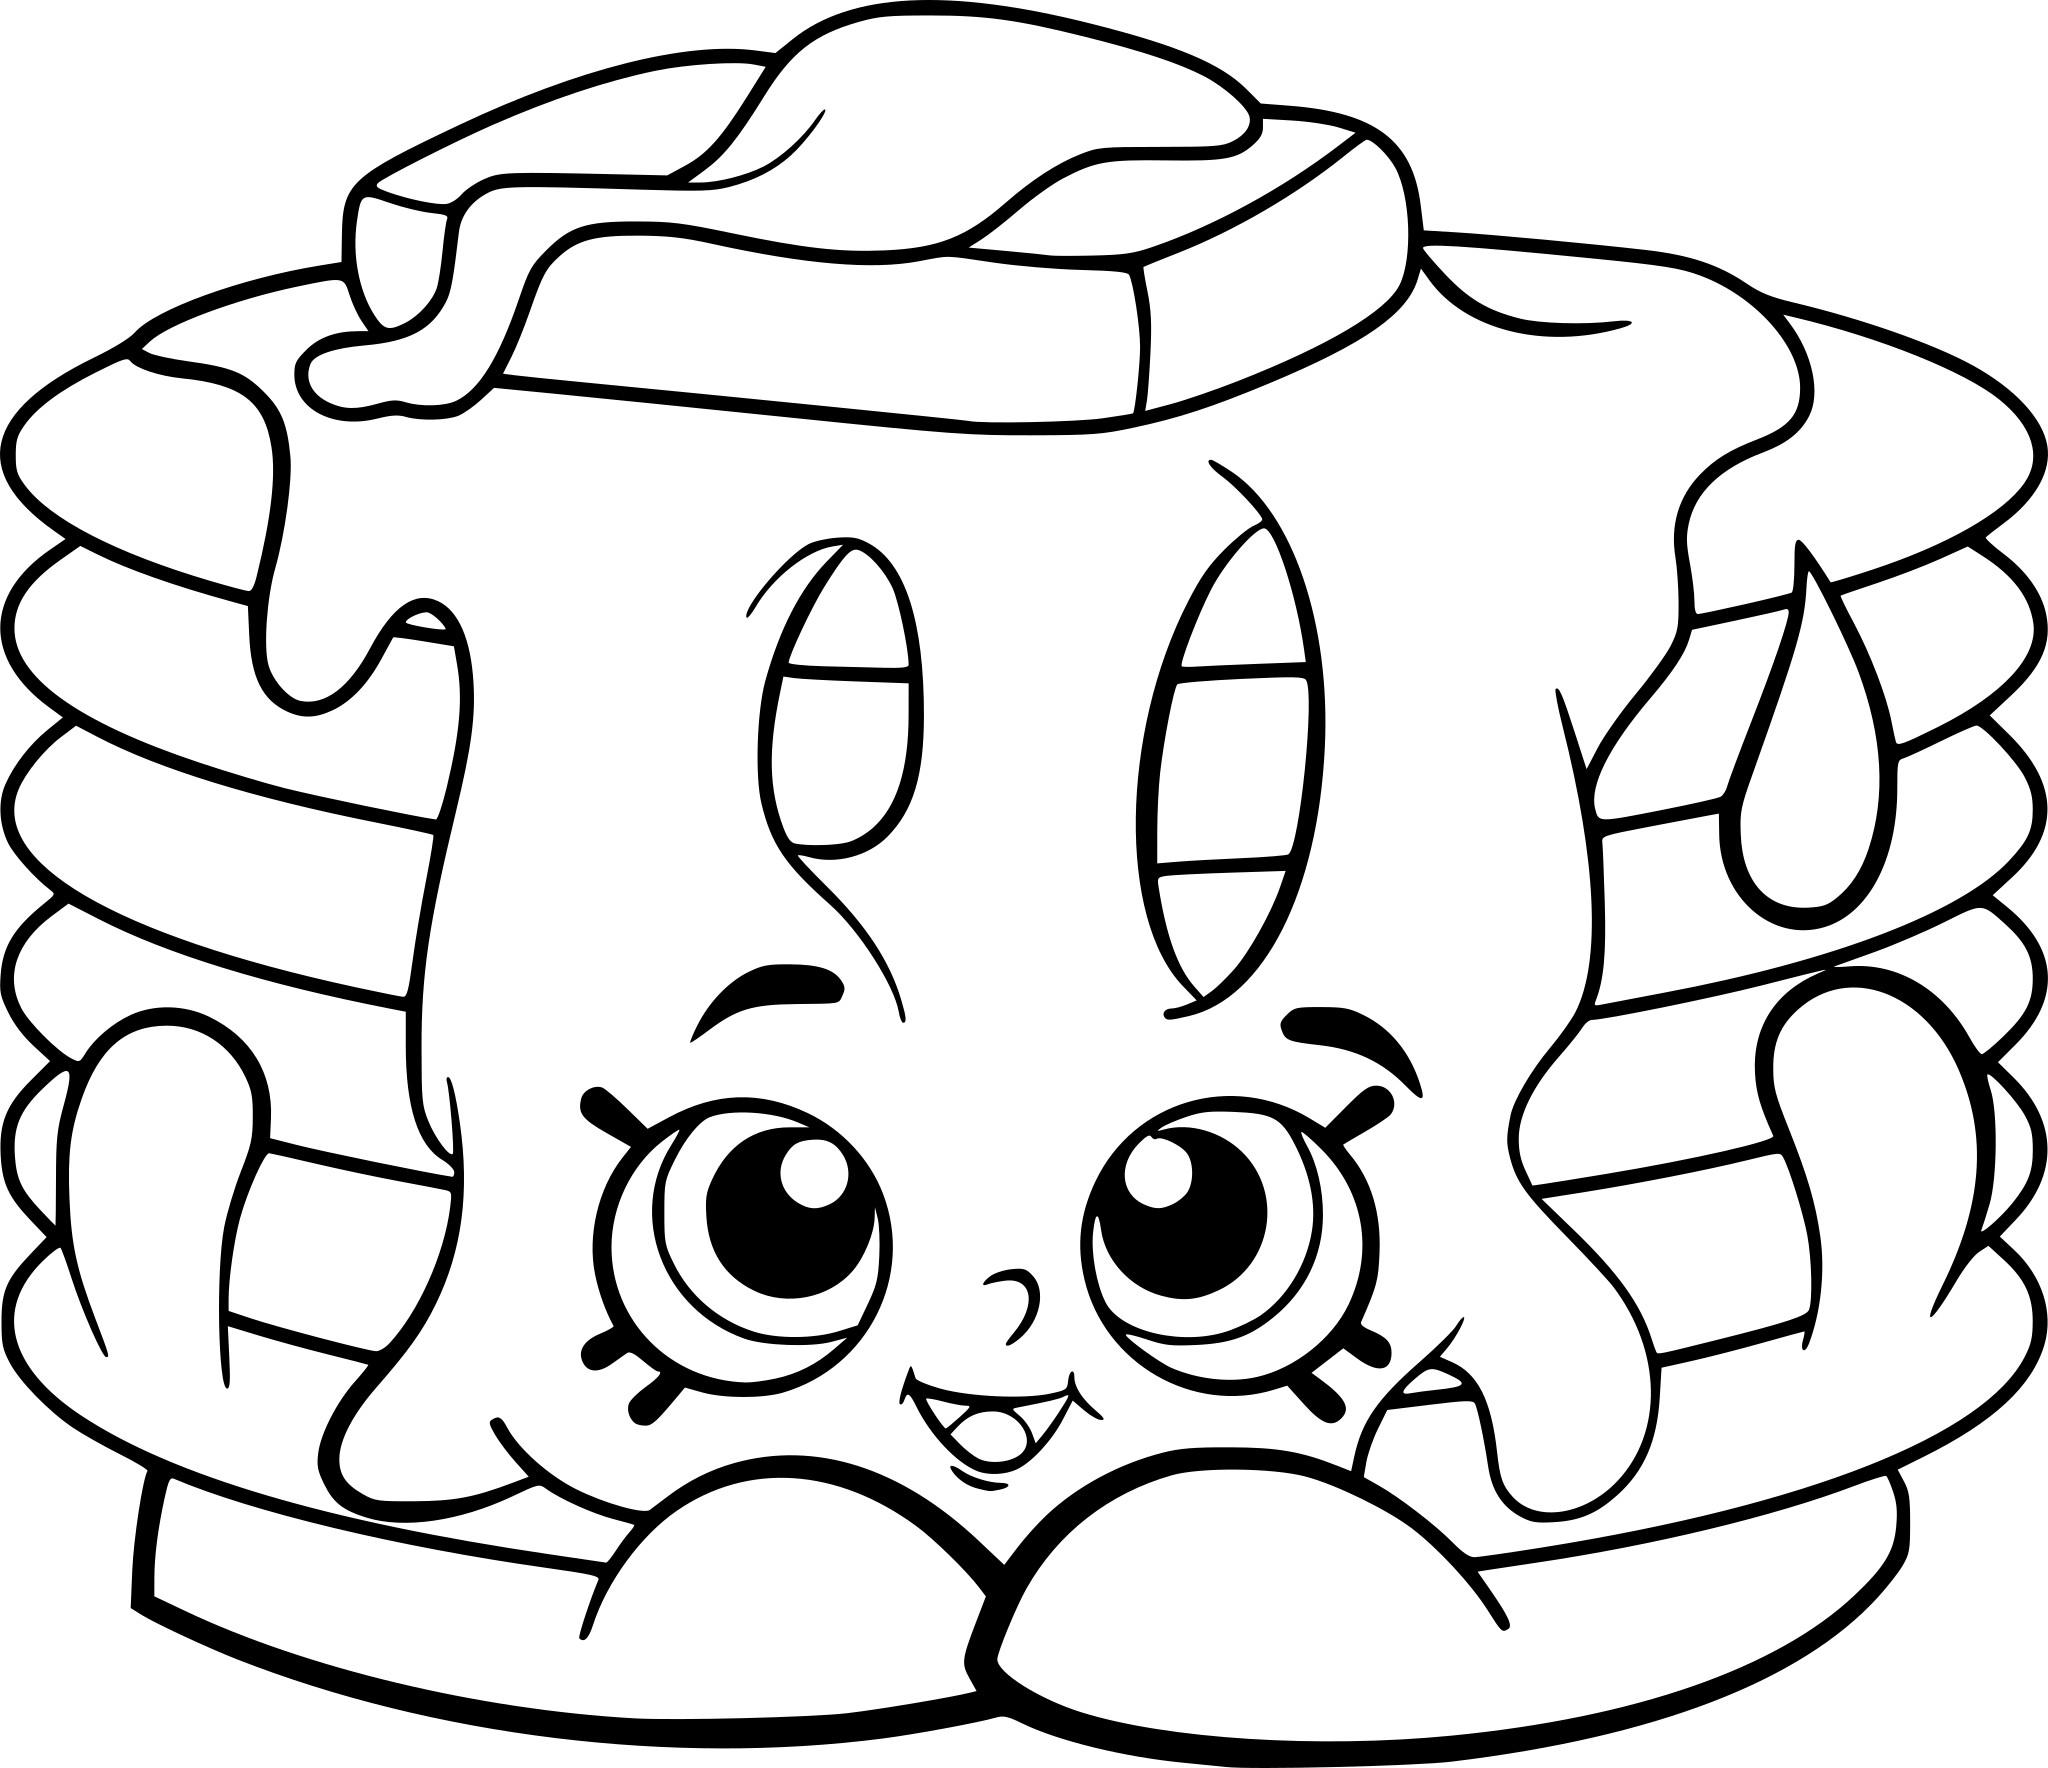 Cute Cupcake Wallpaper Dessin Pop Corn Kawaii A Imprimer Dessin De Manga